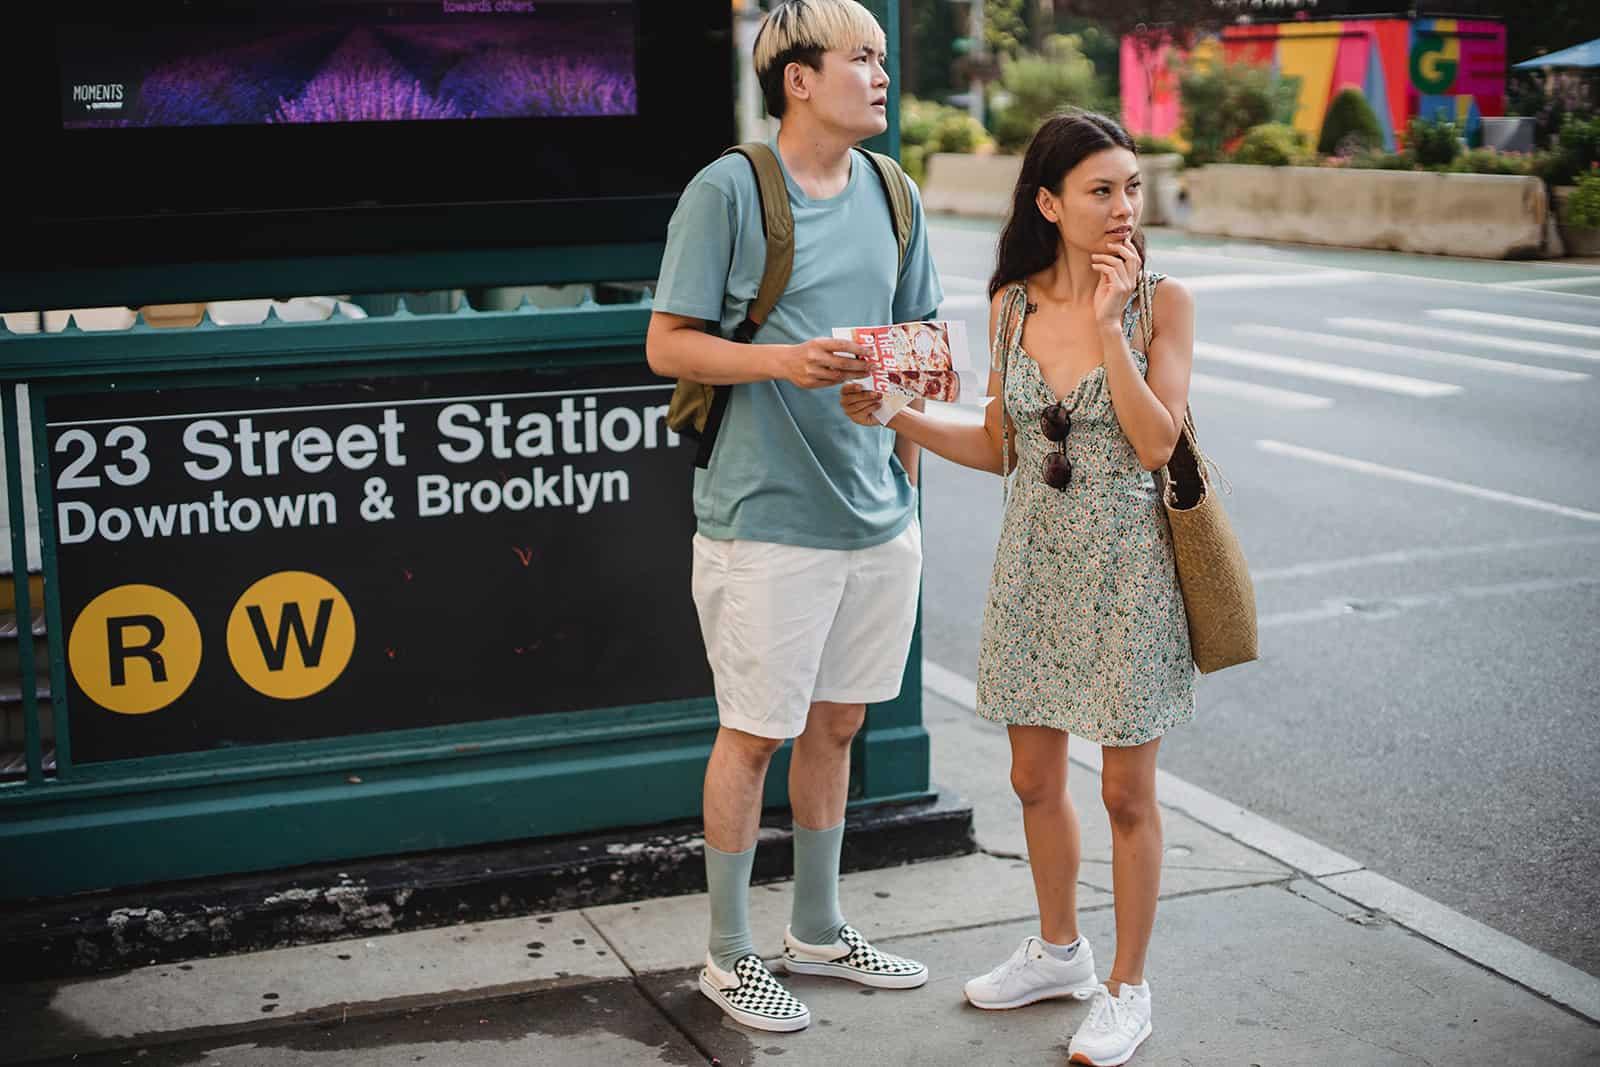 Ein Mann und eine Frau sehen sich um und halten einen Stadtplan